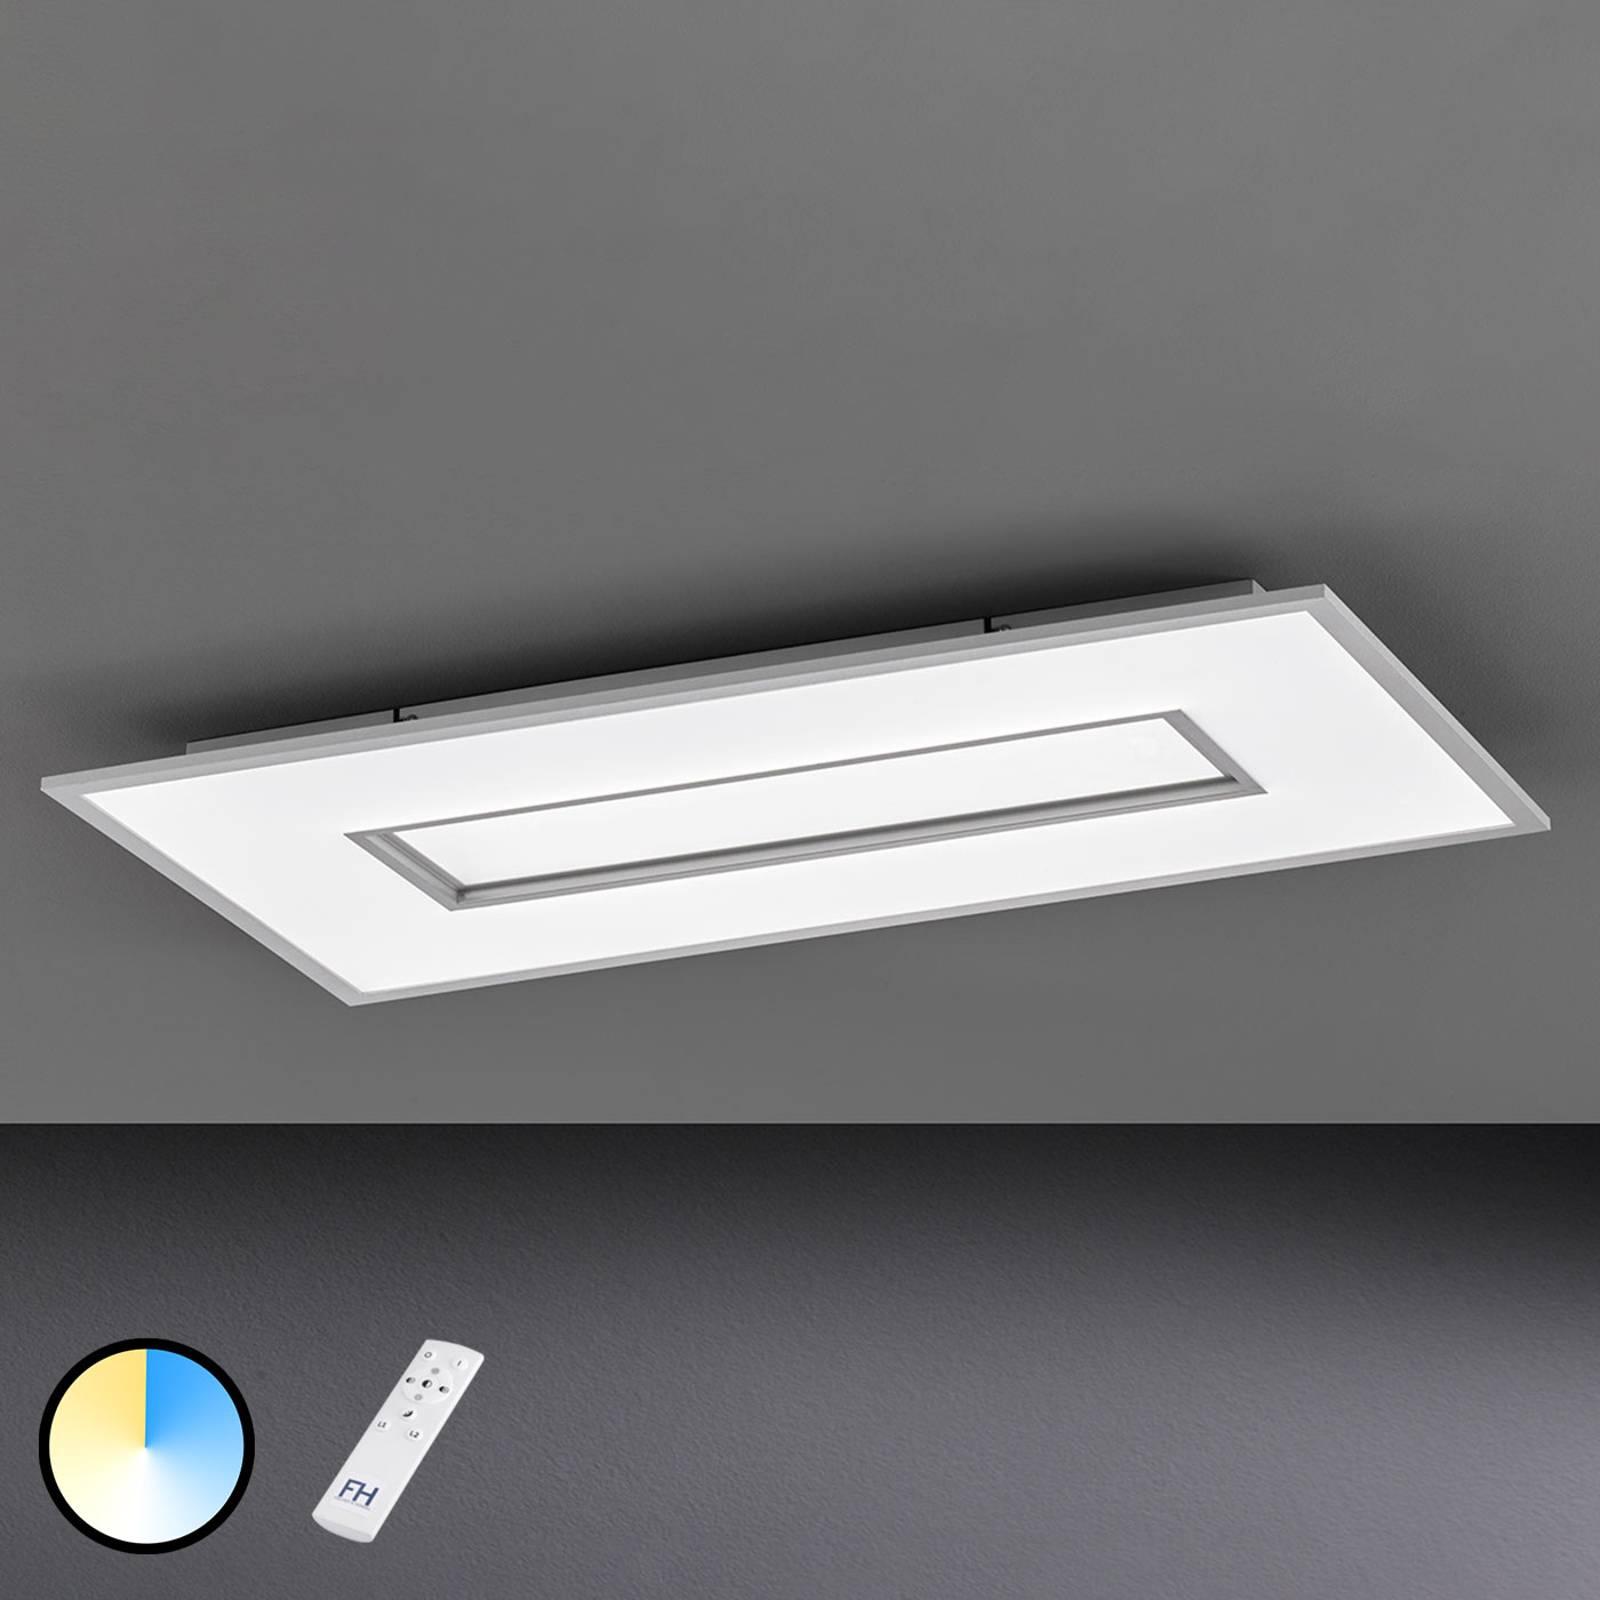 LED-kattovalaisin Tiara suorakulmainen 96 x 50 cm